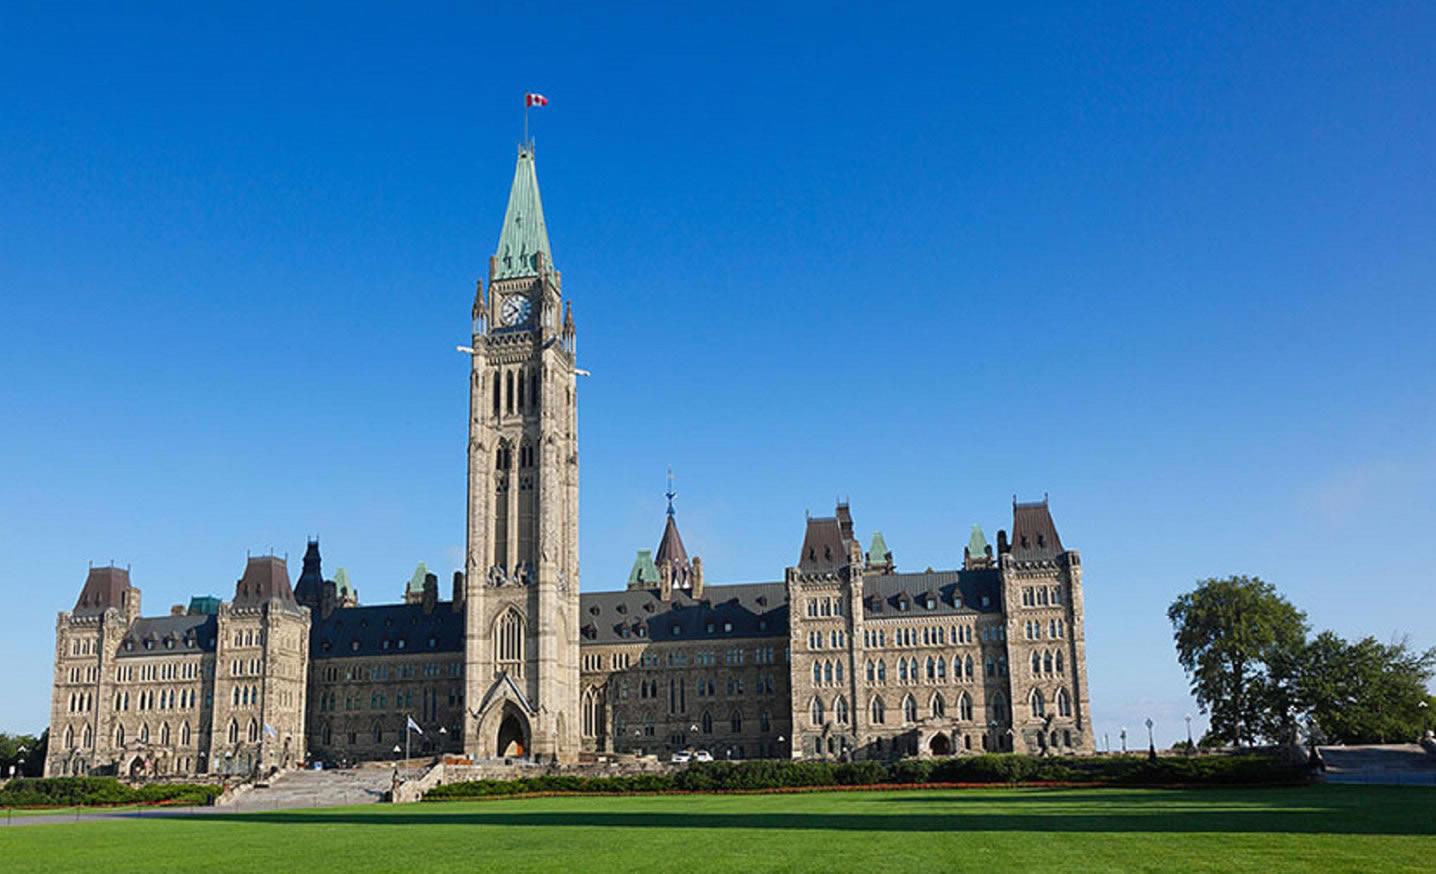 加拿大旅游/探亲签证申请